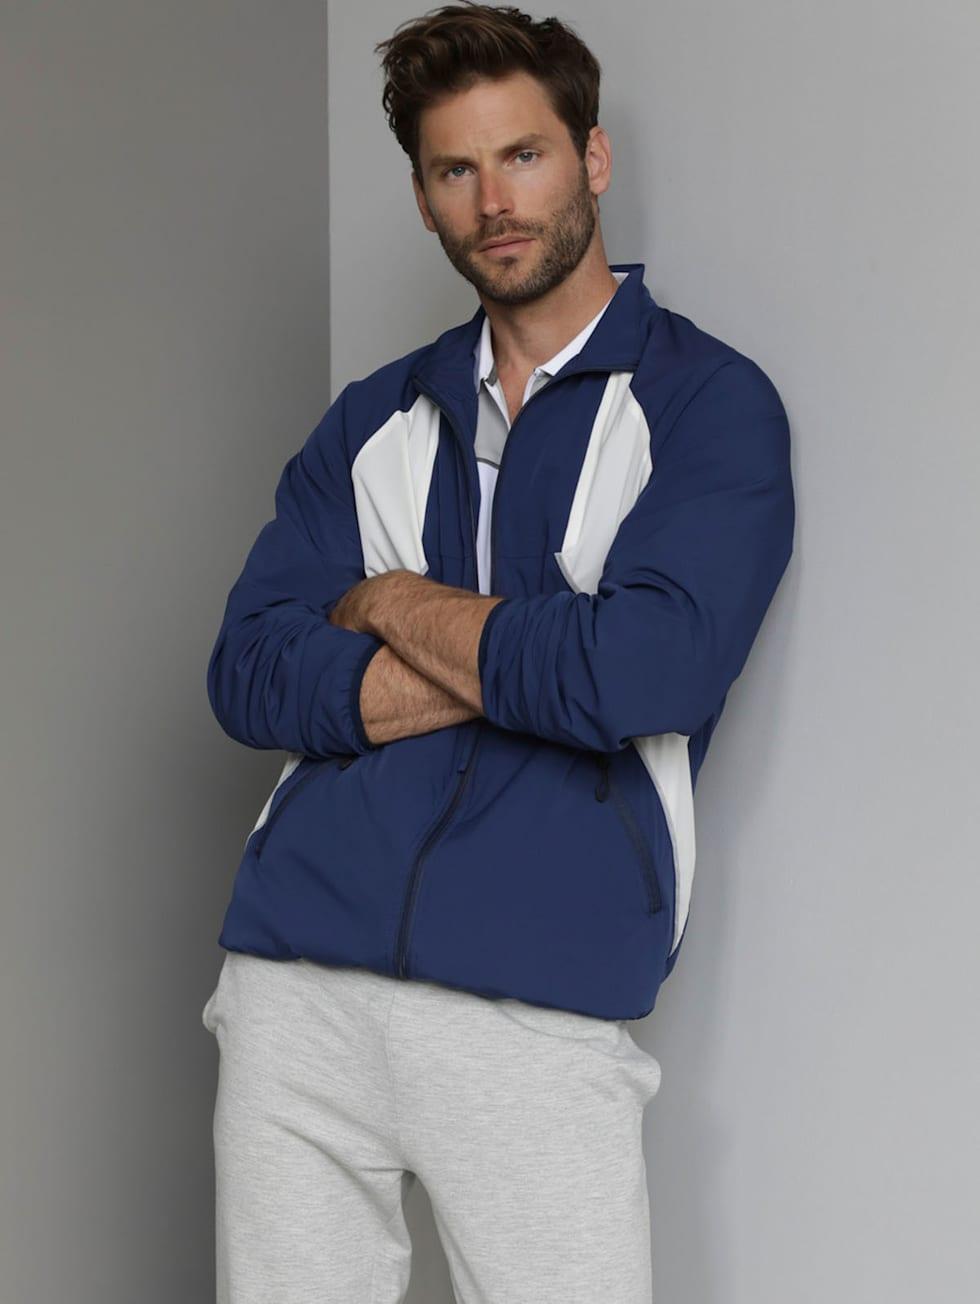 Sportivo-Outfit: Blau-weiße Trainigsjacke, graue Freizeithose und ein weißes Funktionspoloshirt